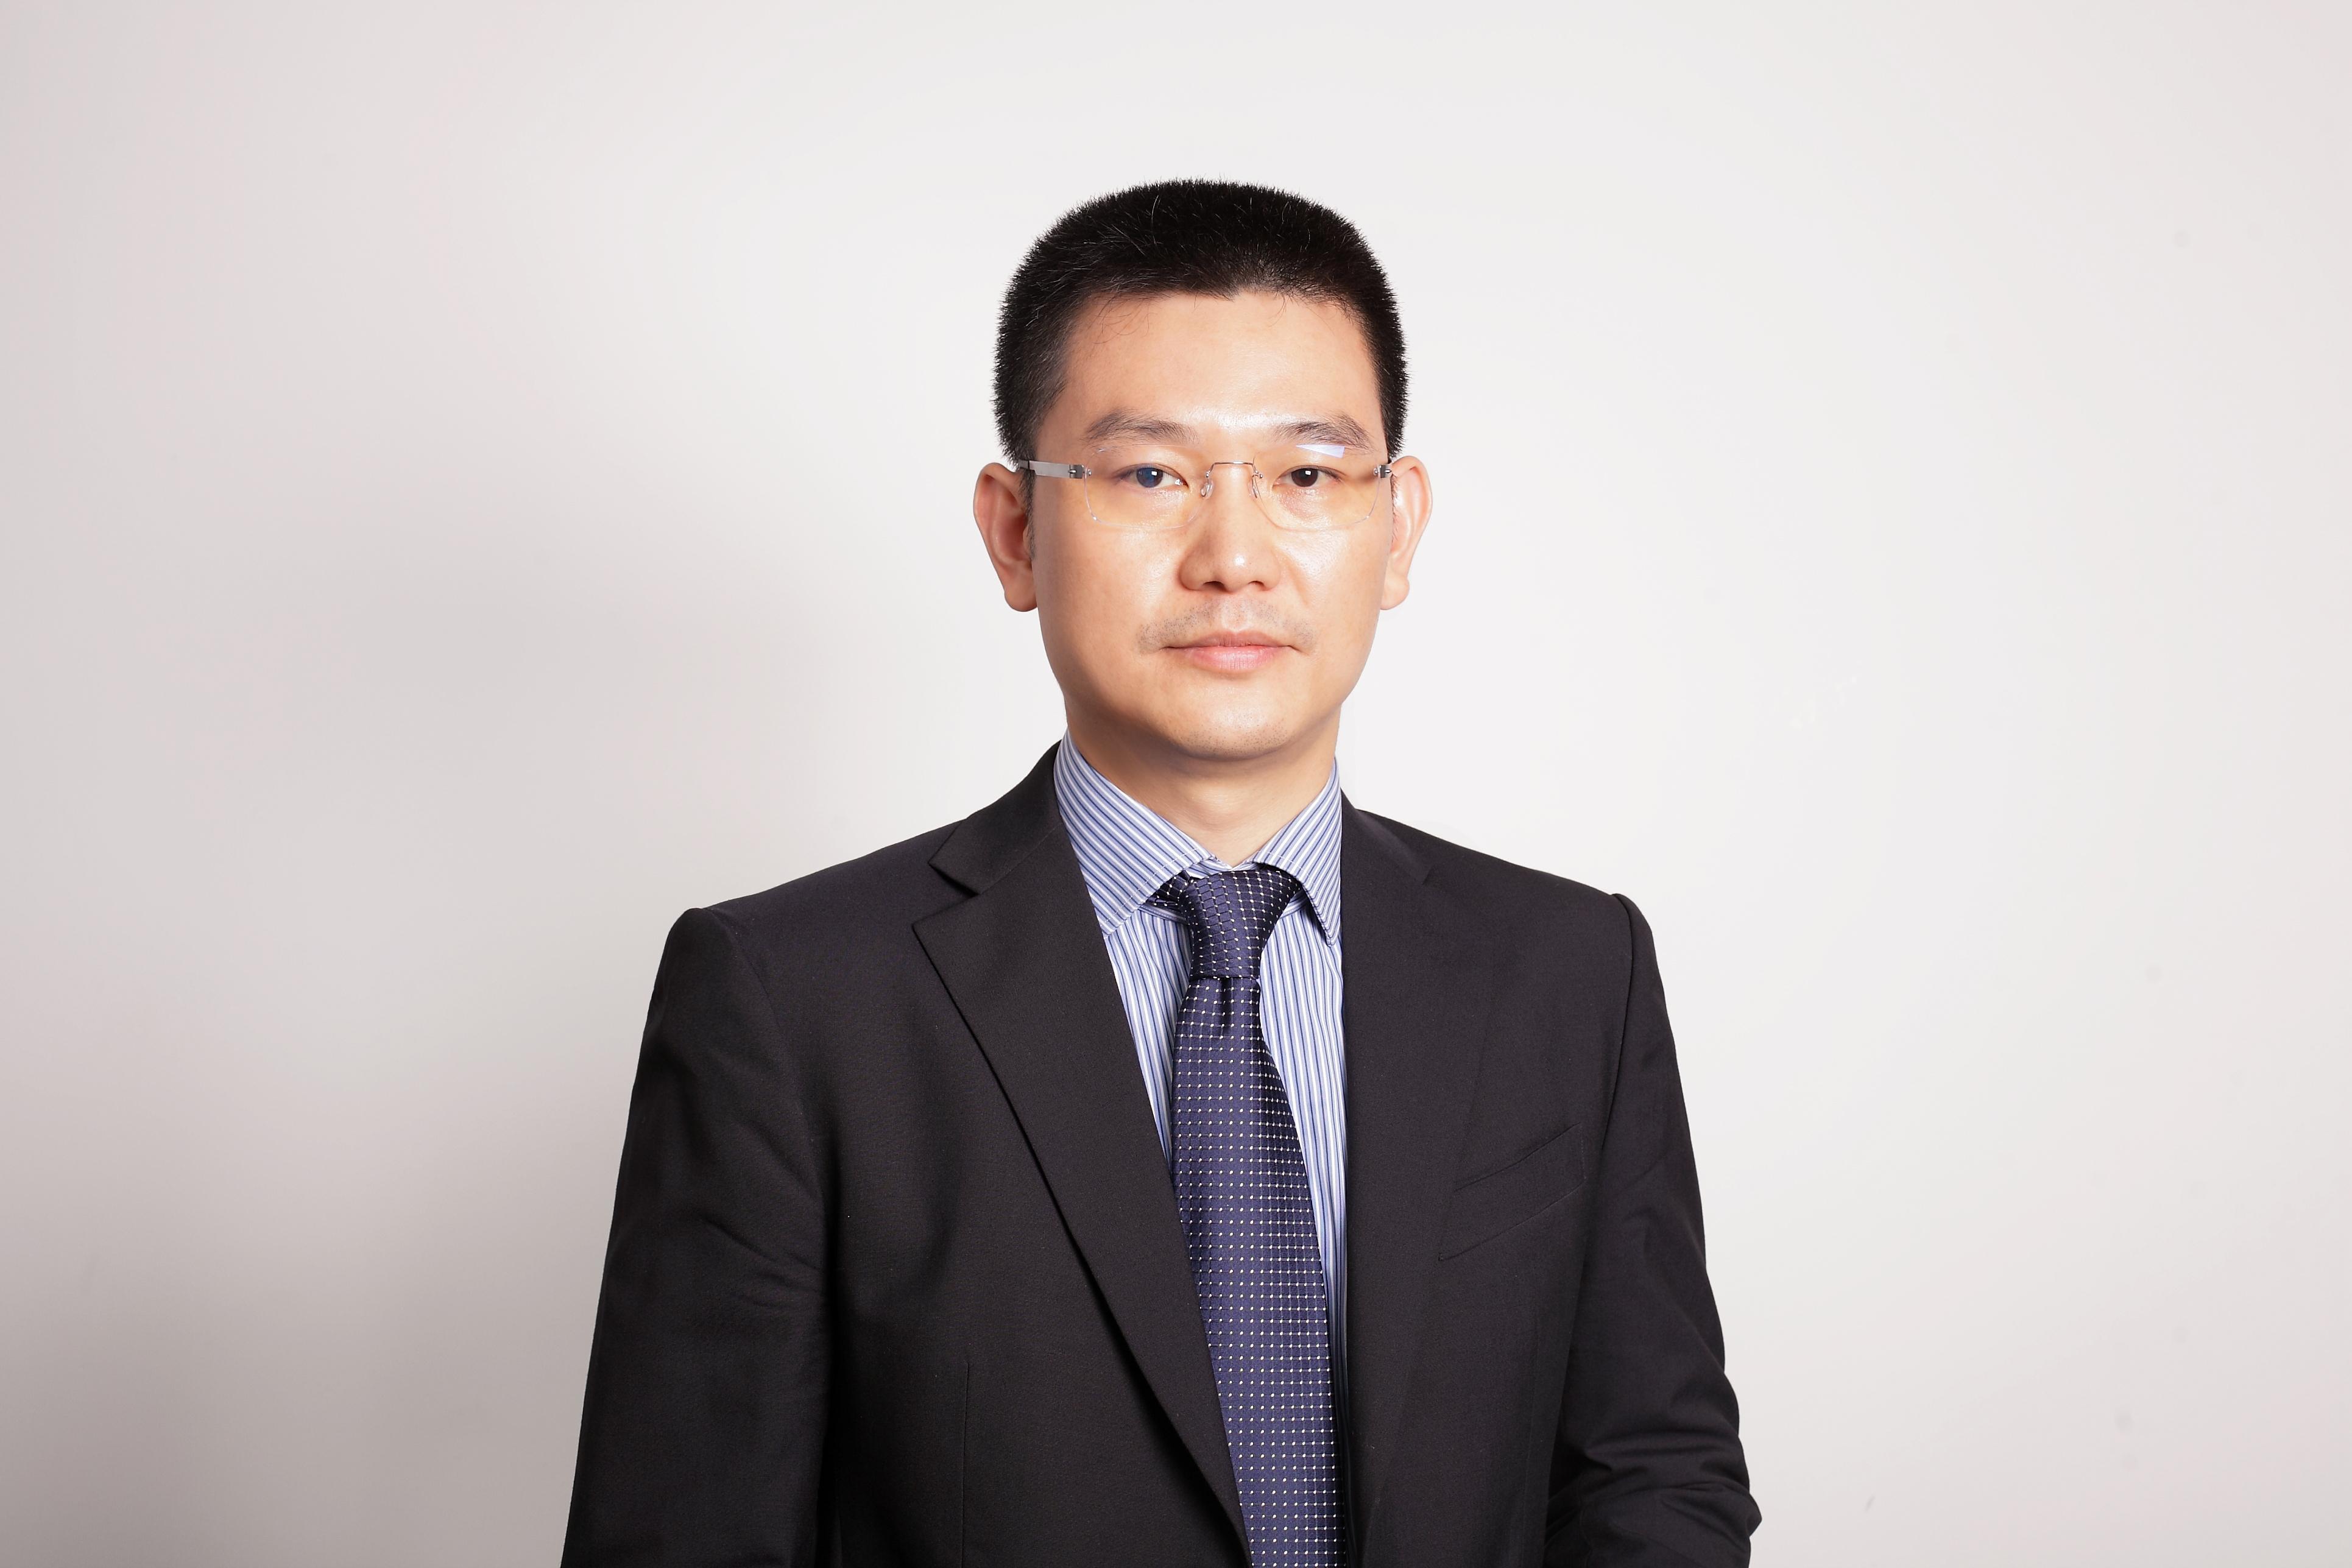 【深圳特区报】打造国际消费中心城市,深圳如何发力?